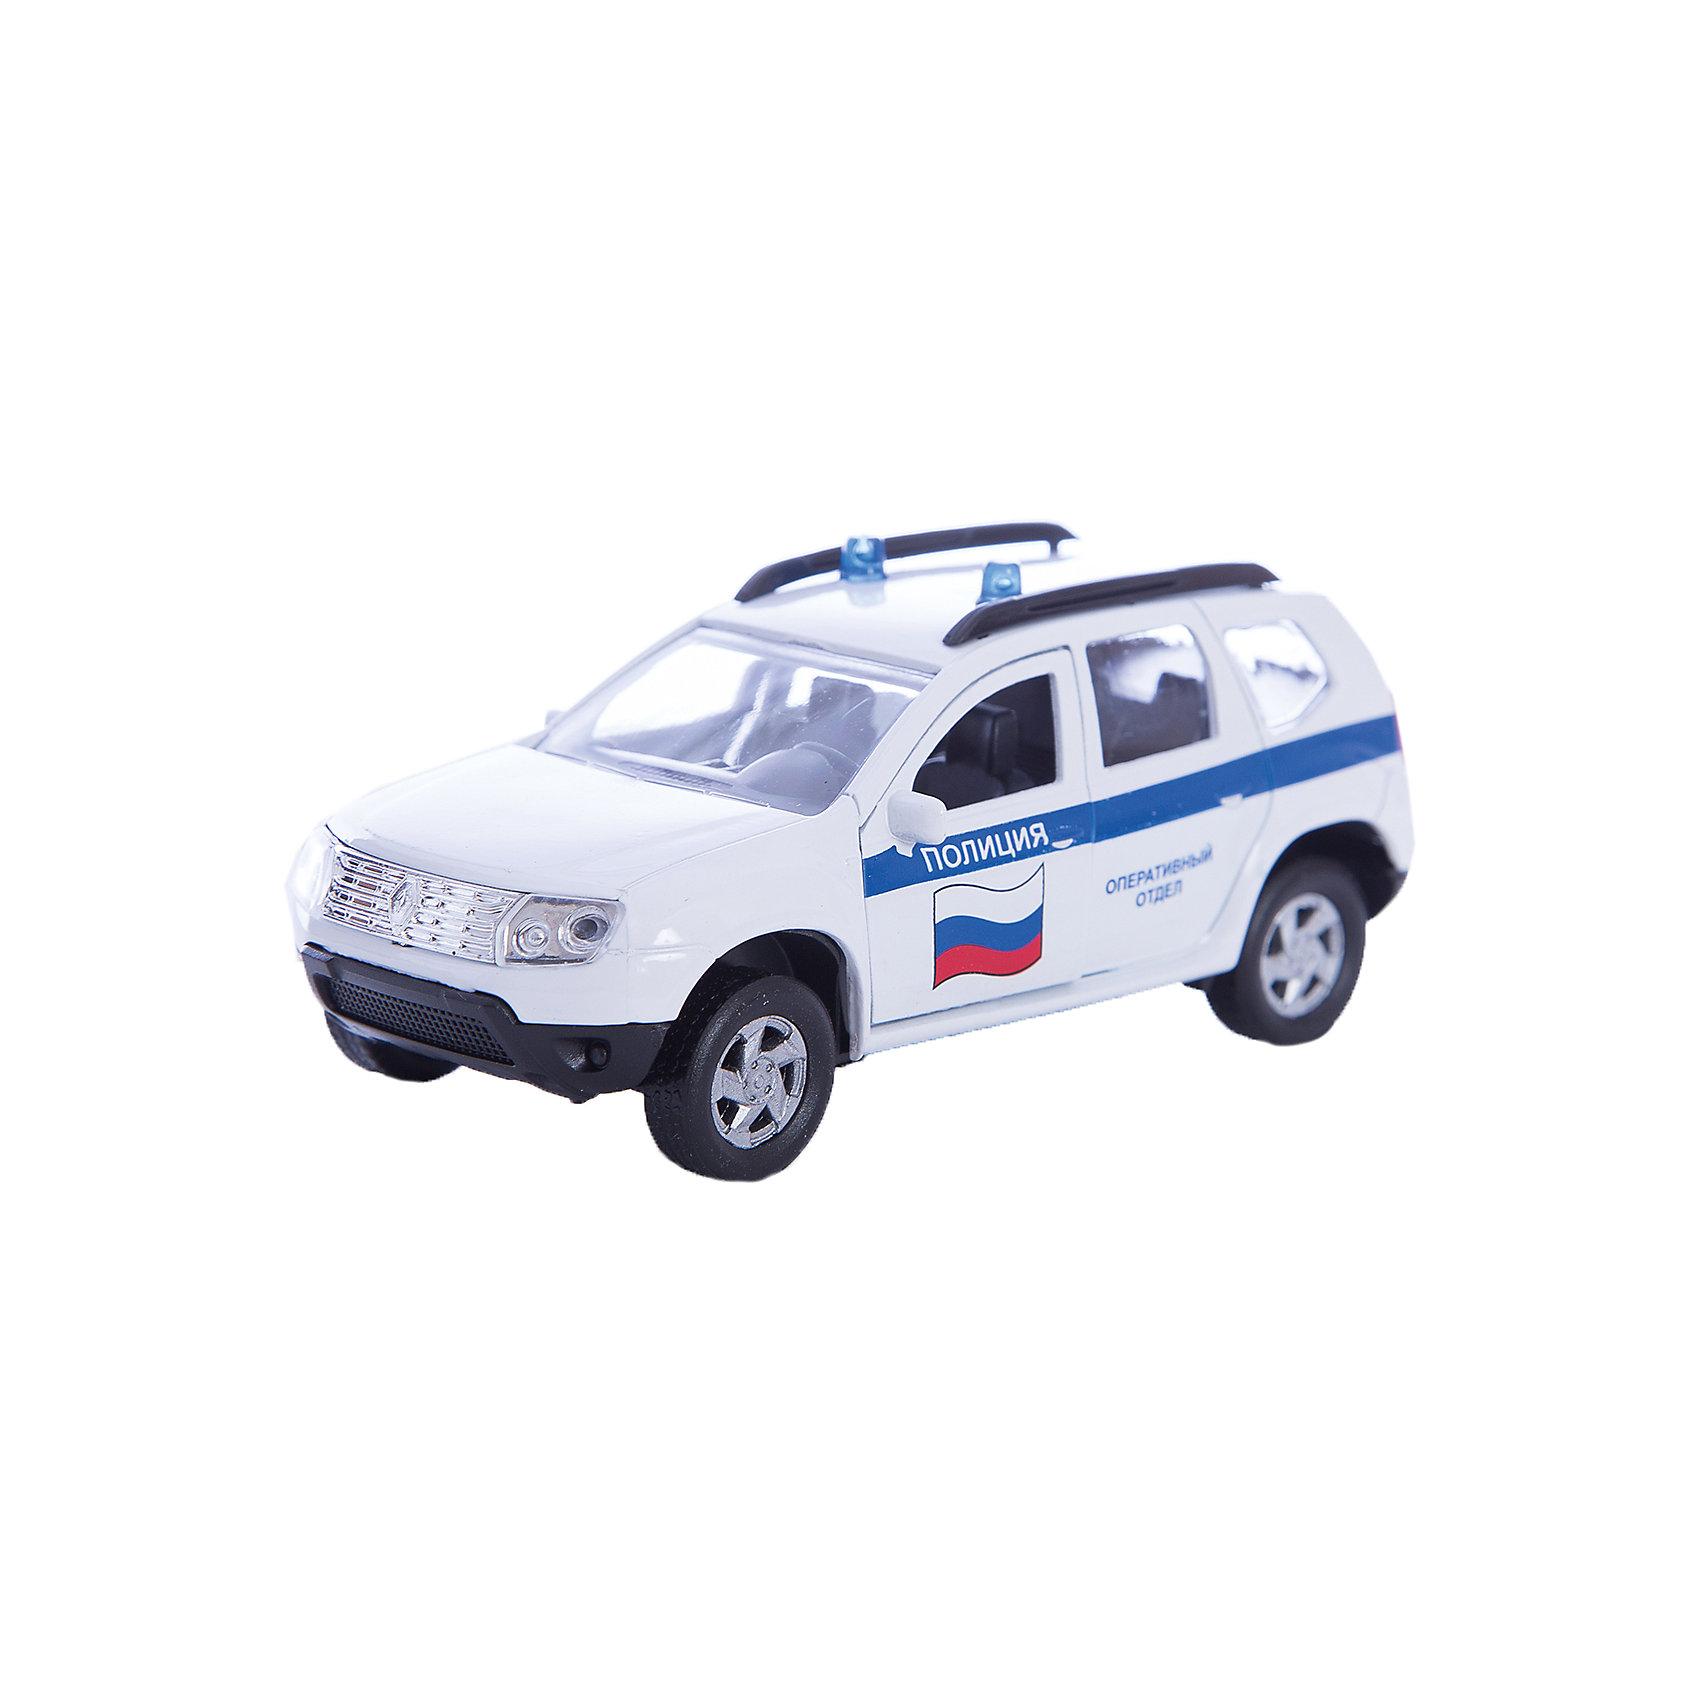 Машинка Renault Duster полиция 1:38, AutotimeМашинки<br>Машинка Renault Duster полиция 1:38, Autotime (Автотайм).<br><br>Характеристики:<br><br>• Масштаб 1:38<br>• Длина машинки: 11 см.<br>• Материал: металл, пластик<br>• Цвет: белый<br>• Упаковка: картонная коробка блистерного типа<br>• Размер упаковки: 16,5x5,7x7,2 см.<br><br>Машинка Renault Duster полиция от Autotime (Автотайм) является уменьшенной копией полицейского автомобиля. Renault Duster - компактный кроссовер. Название можно перевести как Пыльник, т.е. это внедорожник — автомобиль для пыльных дорог. Модель имеет высокую степень детализации. Корпус машинки изготовлен из металла, а все дополнительные элементы из пластика. Автомобиль очень реалистично раскрашен. Передние двери открываются, что позволяет рассмотреть салон изнутри в деталях. Машинка оснащена инерционным механизмом. Полицейская машинка Renault Duster станет хорошим подарком и ребенку, и коллекционеру моделей автомобилей.<br><br>Машинку Renault Duster полиция 1:38, Autotime (Автотайм) можно купить в нашем интернет-магазине.<br><br>Ширина мм: 165<br>Глубина мм: 57<br>Высота мм: 75<br>Вес г: 23<br>Возраст от месяцев: 36<br>Возраст до месяцев: 2147483647<br>Пол: Мужской<br>Возраст: Детский<br>SKU: 5583859